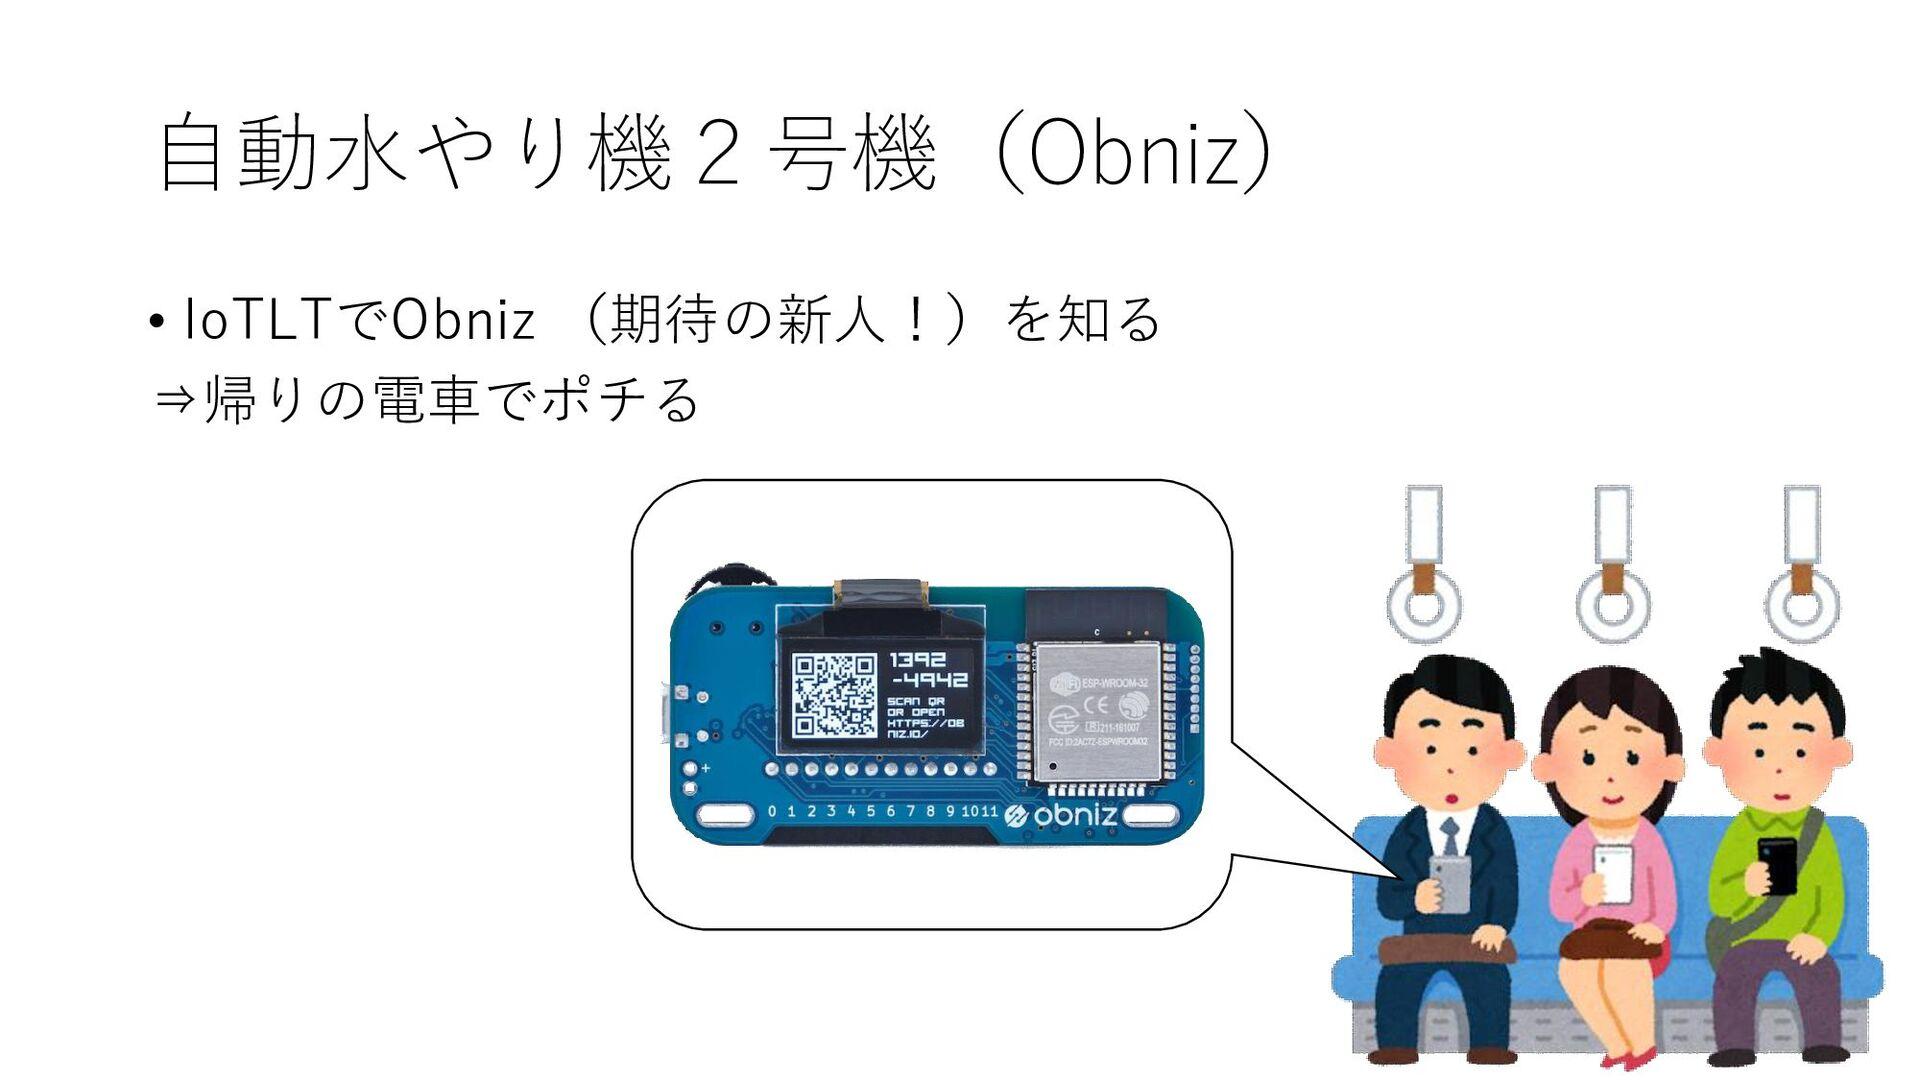 自動水やり機1号機(micro:bit) • 反省 奥さん:「見た目が怪しい。時限爆〇っぽい・...